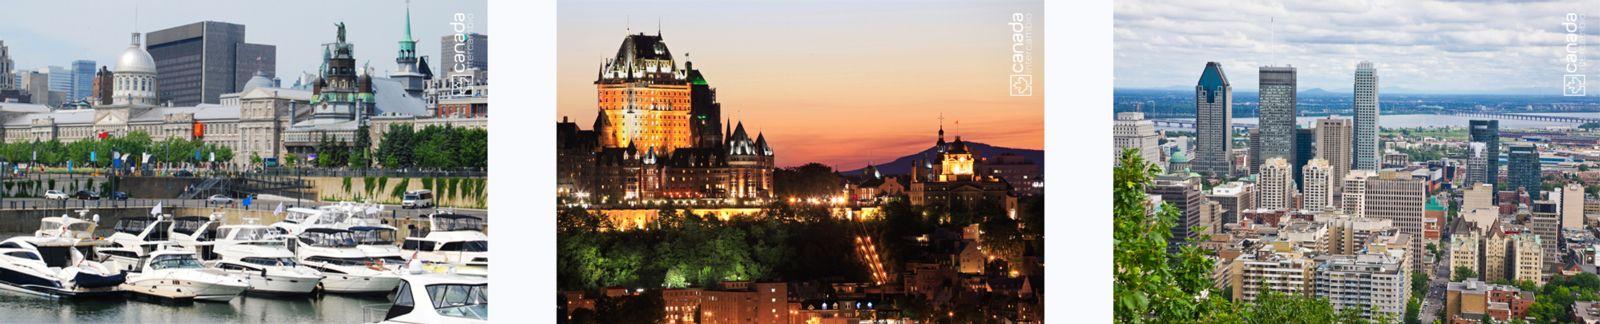 Turismo em Quebec City, Canada